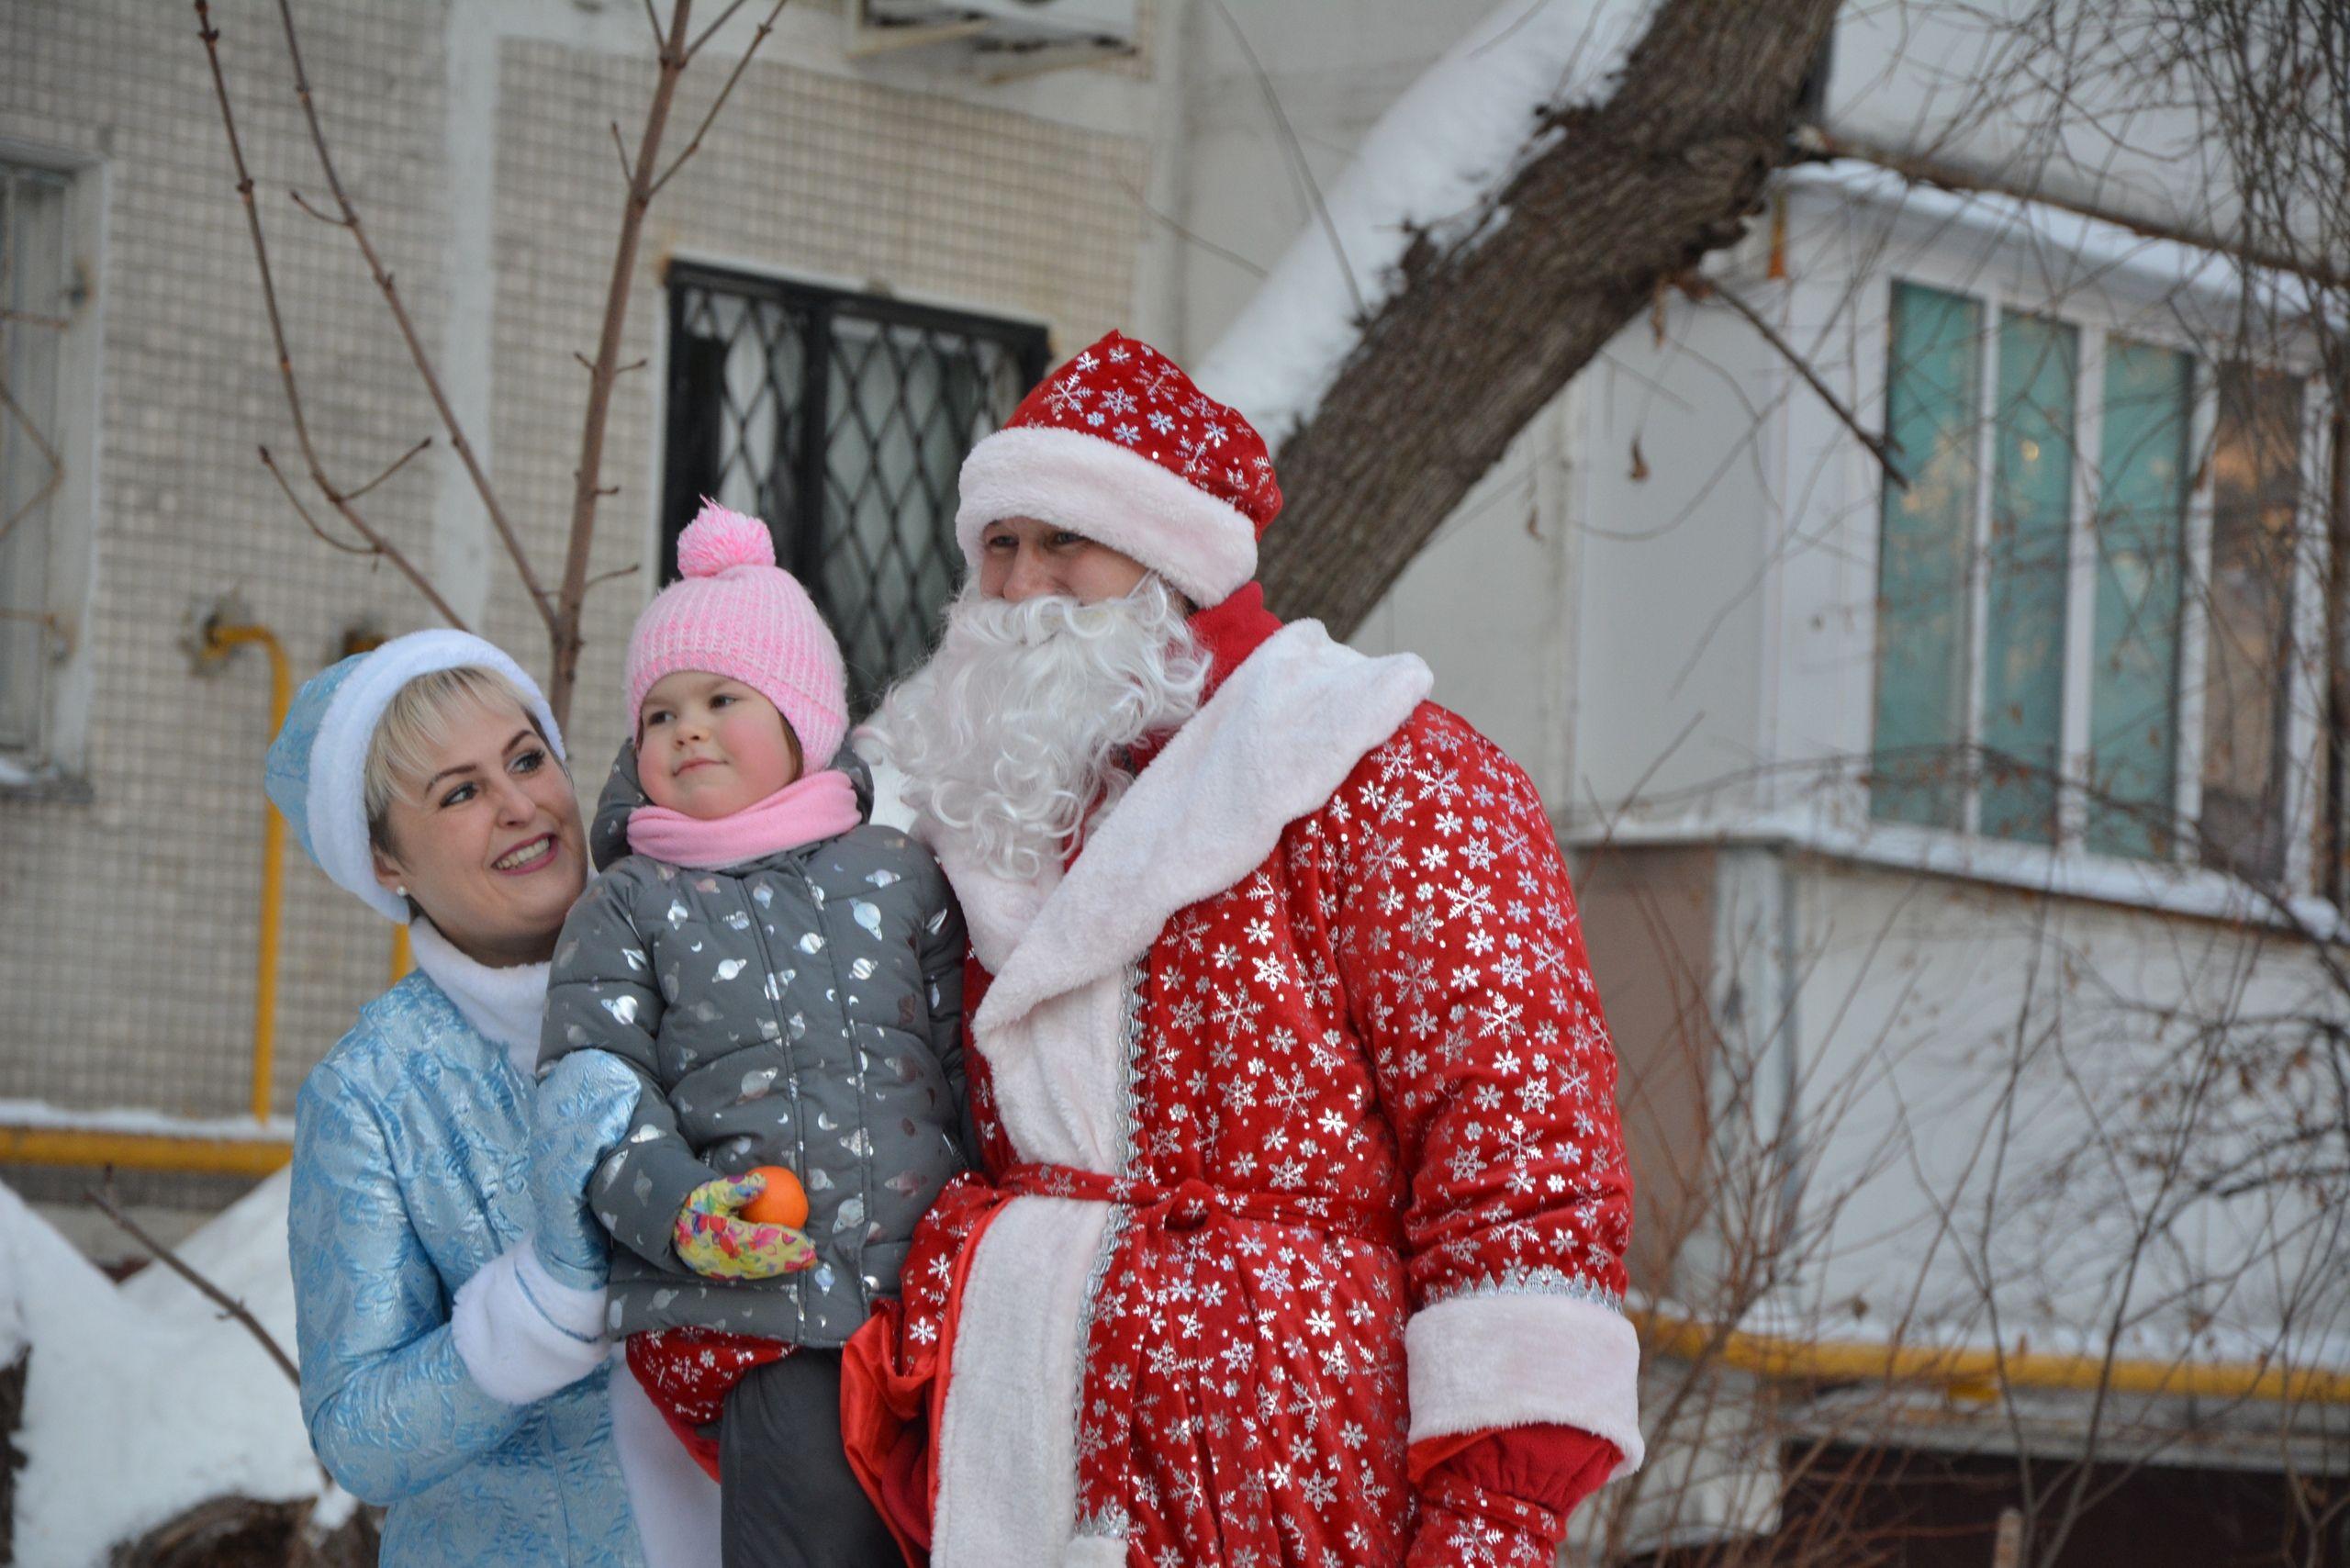 Деды Морозы и Снегурочки поздравят жителей Орехова-Борисова Южного